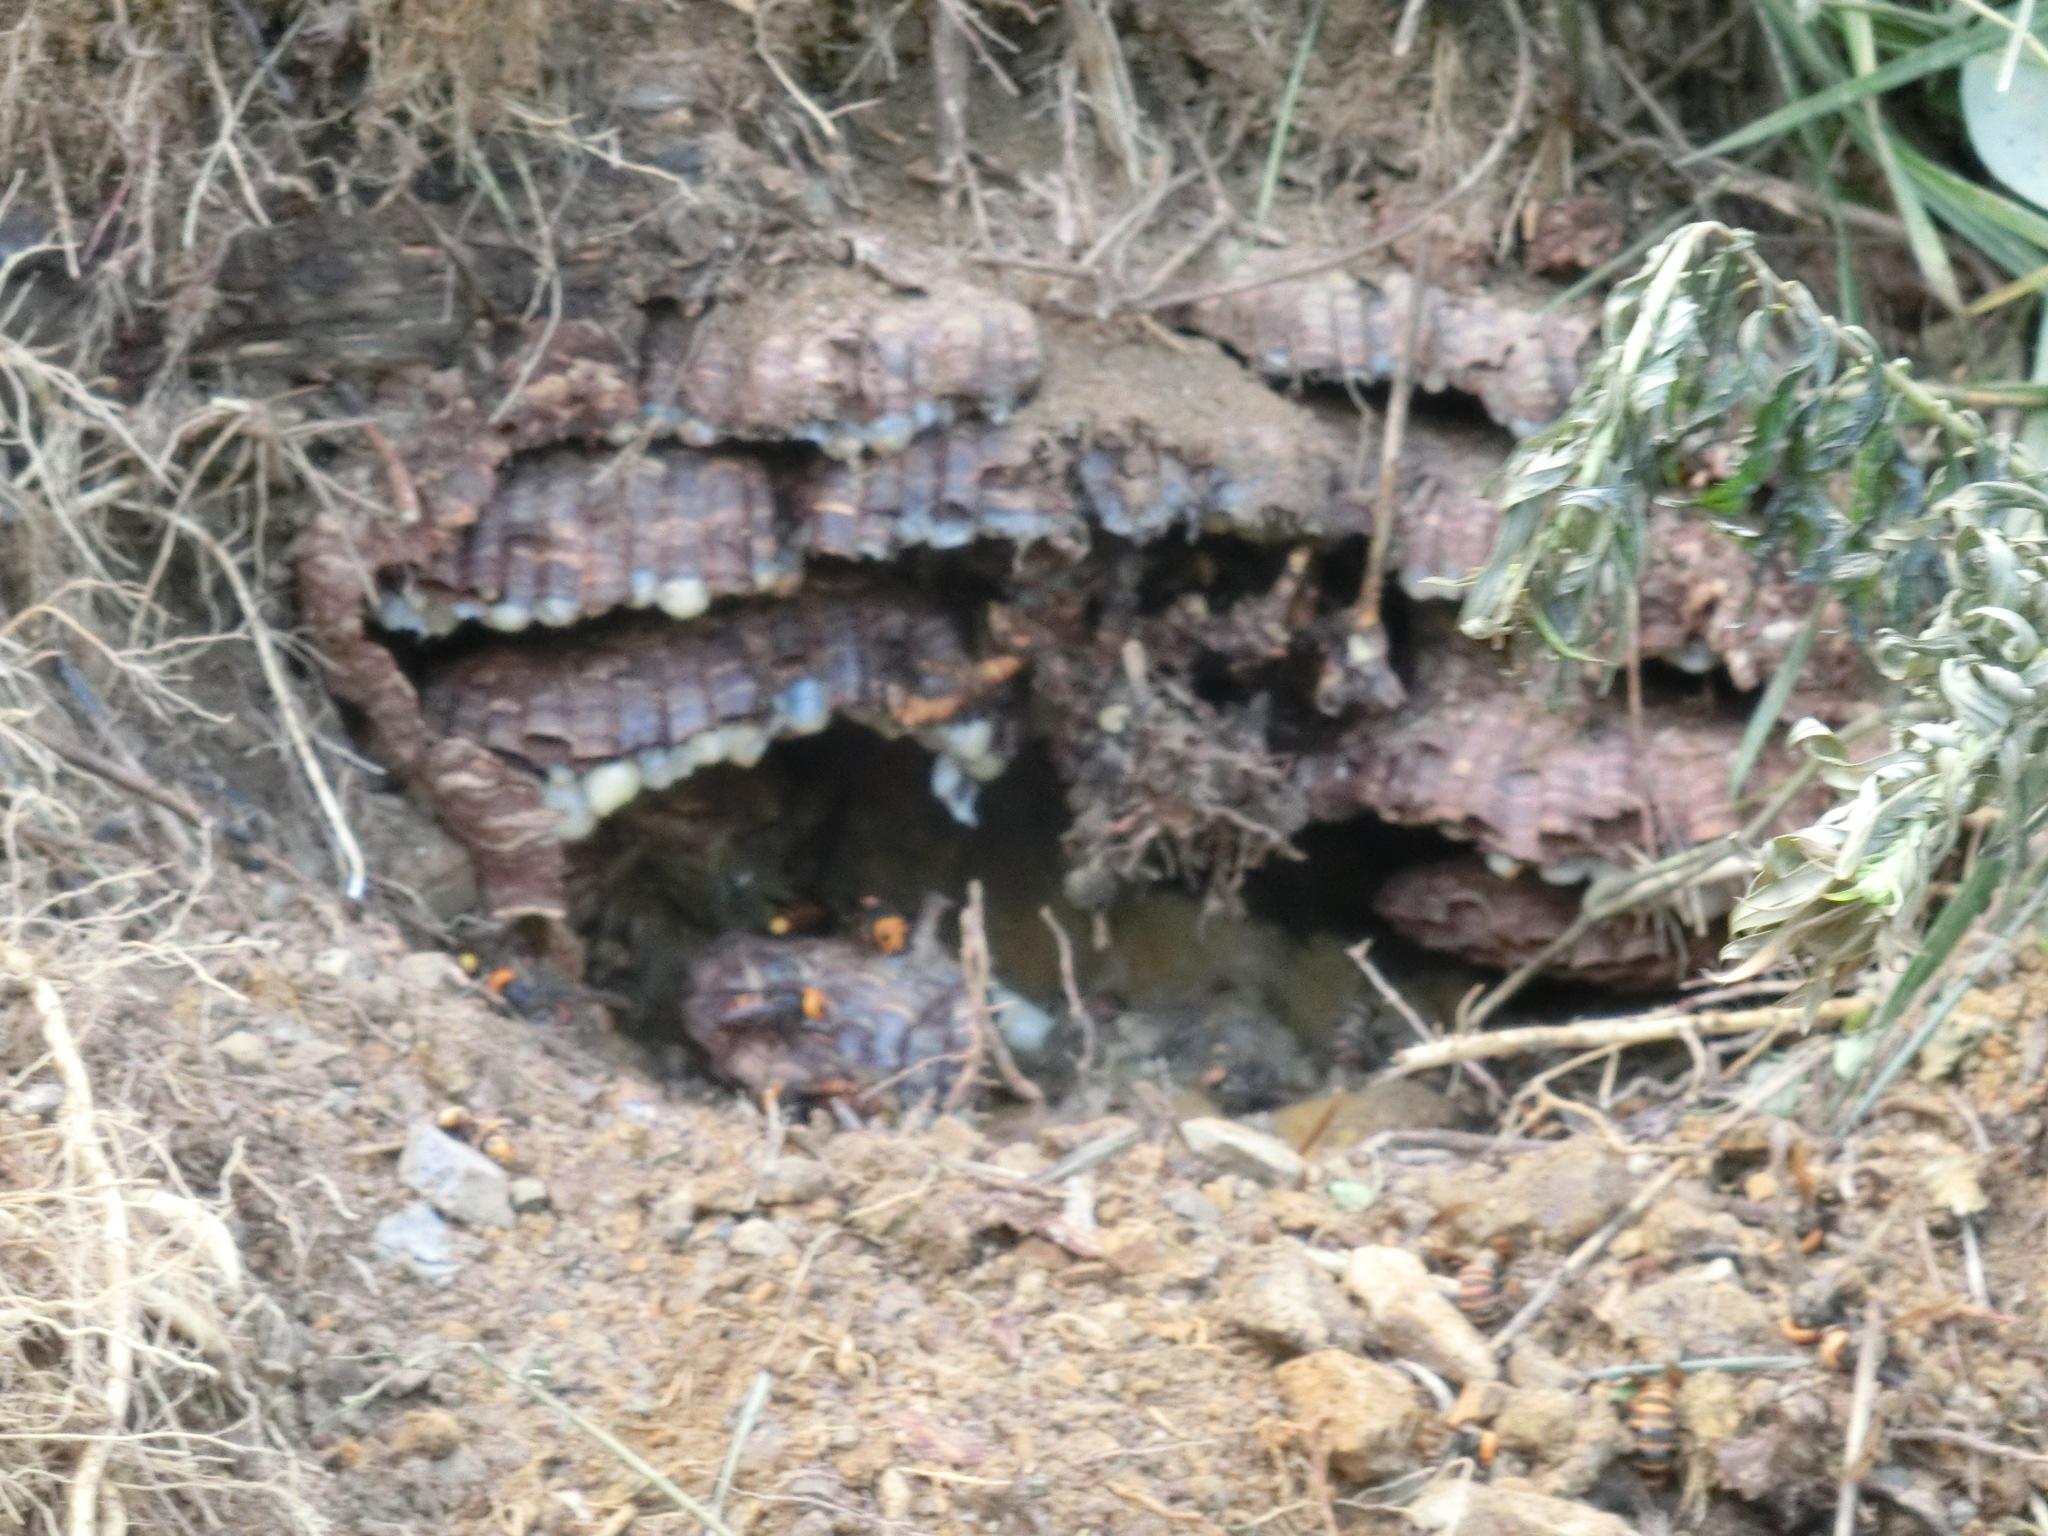 甲賀市甲南町の土の中のオオスズメバチの巣